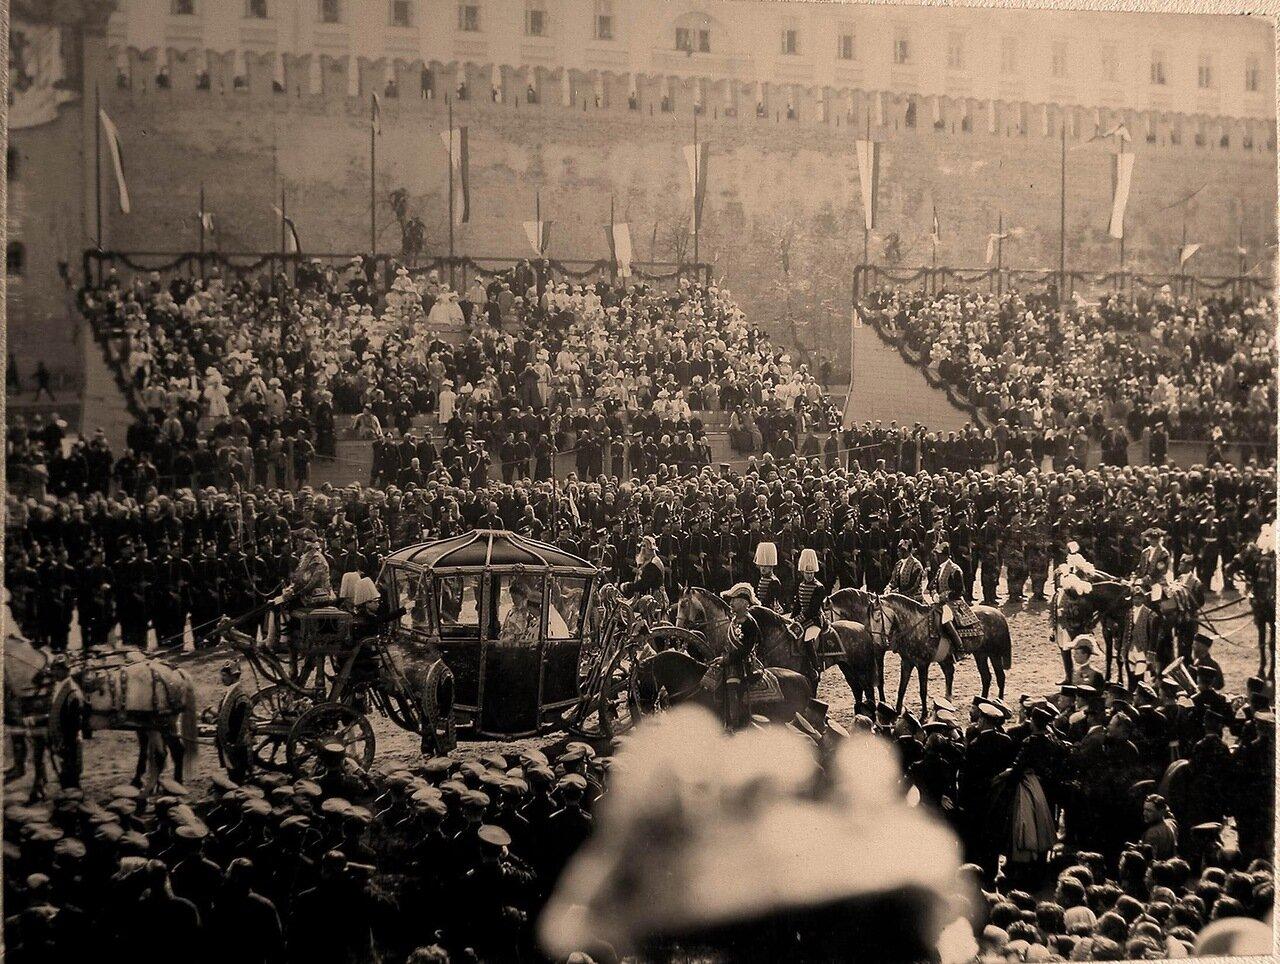 Коронационная карета императрицы Александры Федоровны проезжает мимо трибун со зрителями у Кремлевской стены на Красной площади в день торжественного въезда их императорских величеств в Москву